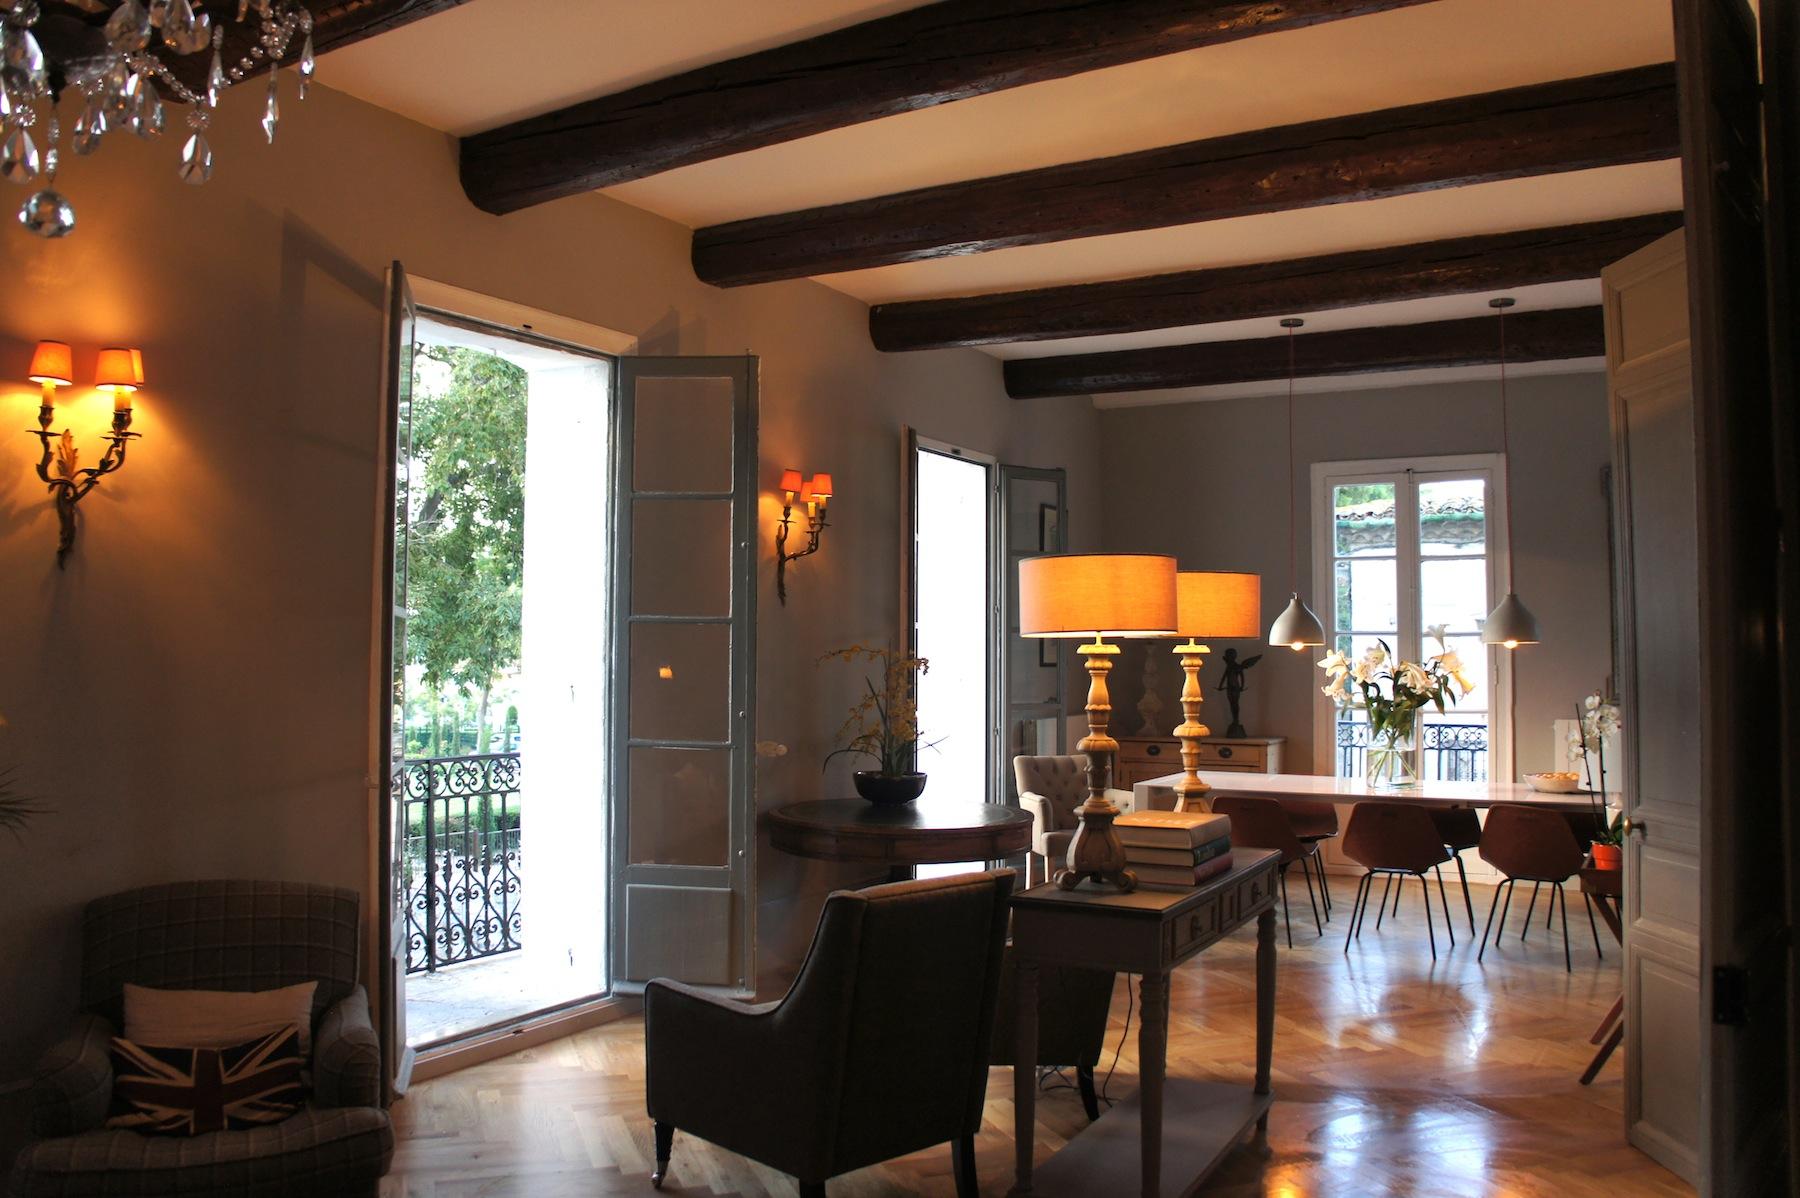 avis maison d en france photo de le rabelais saintchamas france avis maison d en france. Black Bedroom Furniture Sets. Home Design Ideas